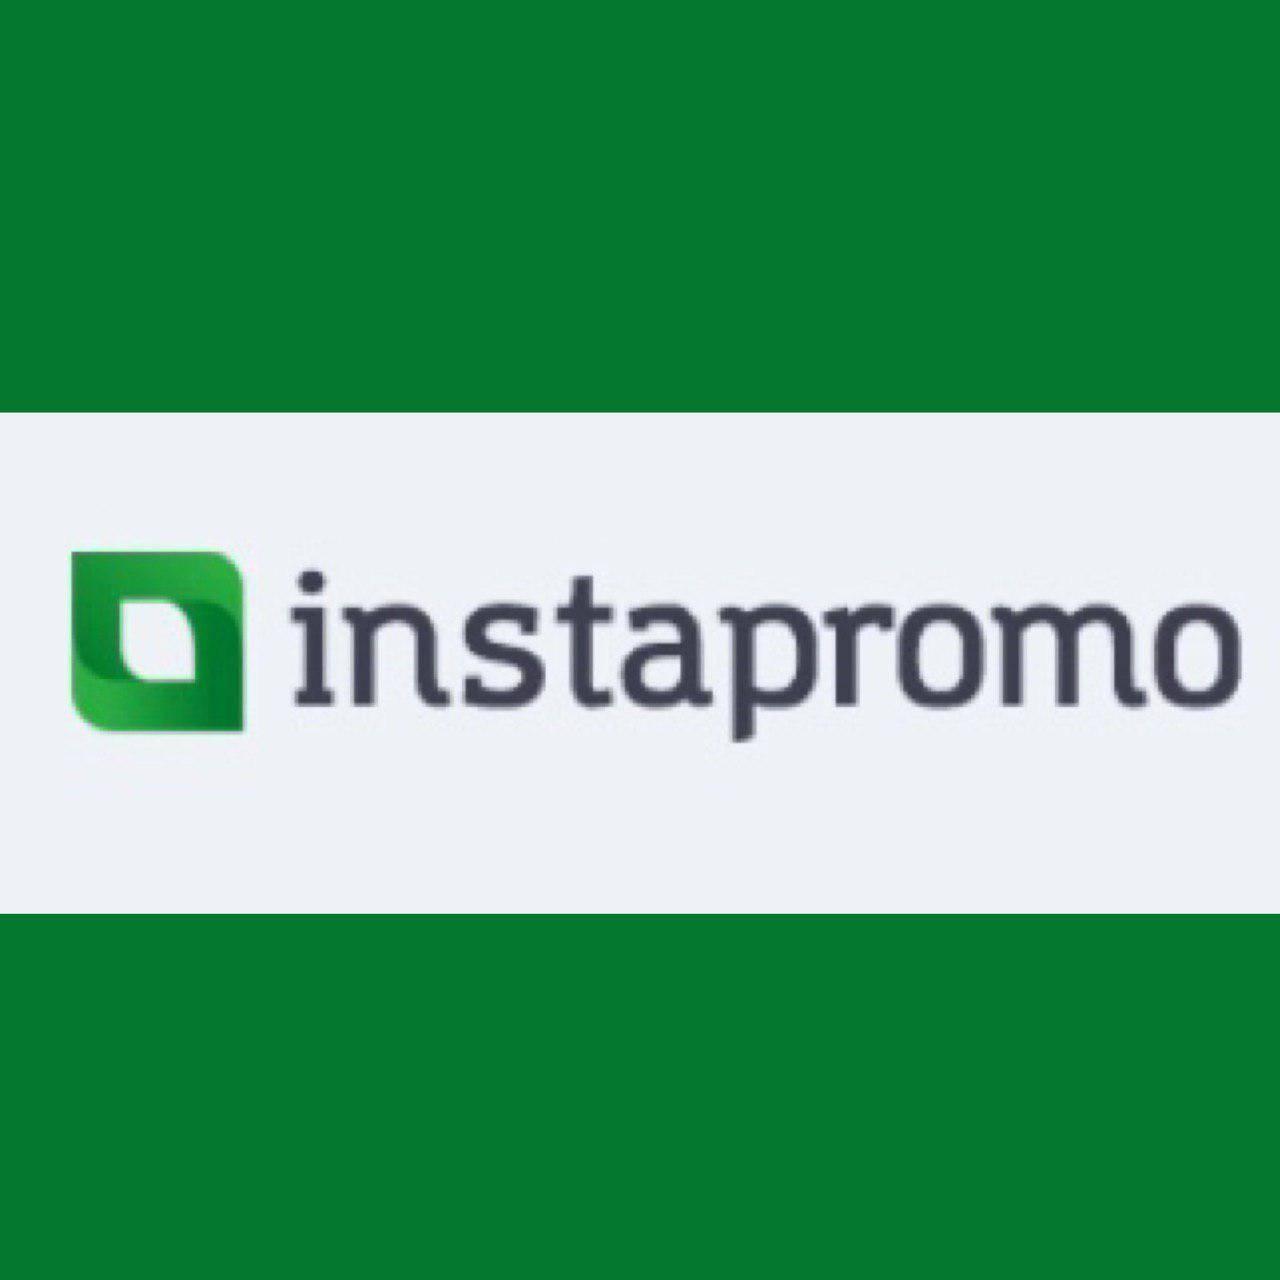 Instapromo - платформа комплексного продвижения инстаграм-аккаунтов